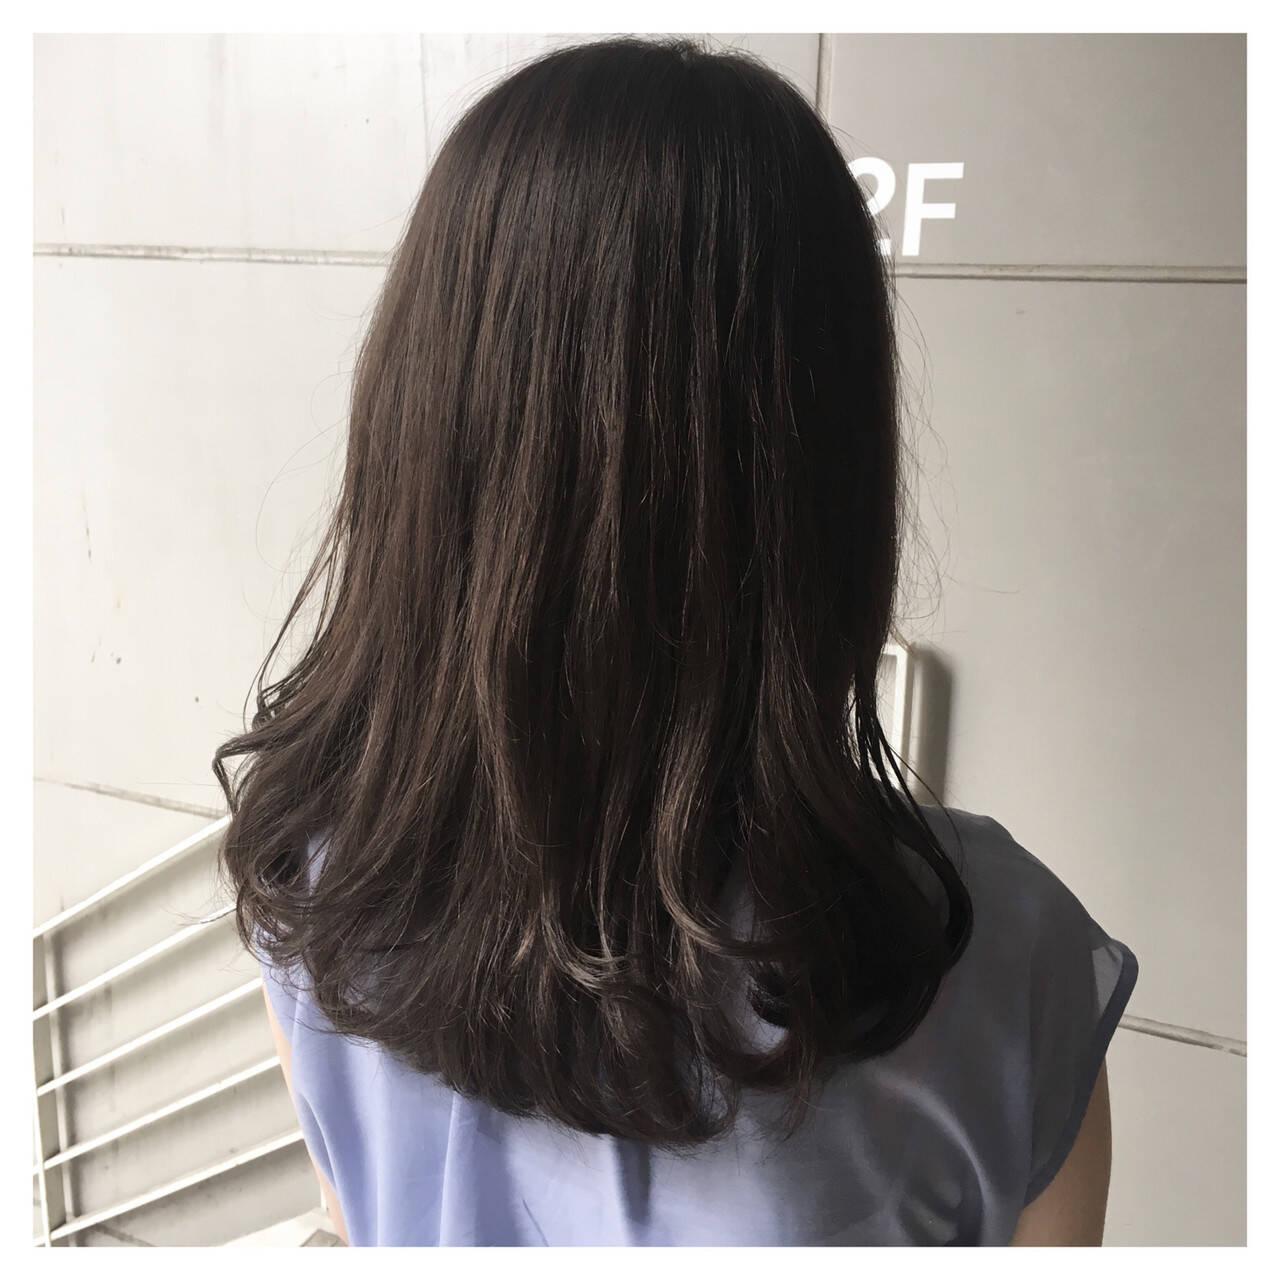 ミディアム ロブ ナチュラル マットグレージュヘアスタイルや髪型の写真・画像